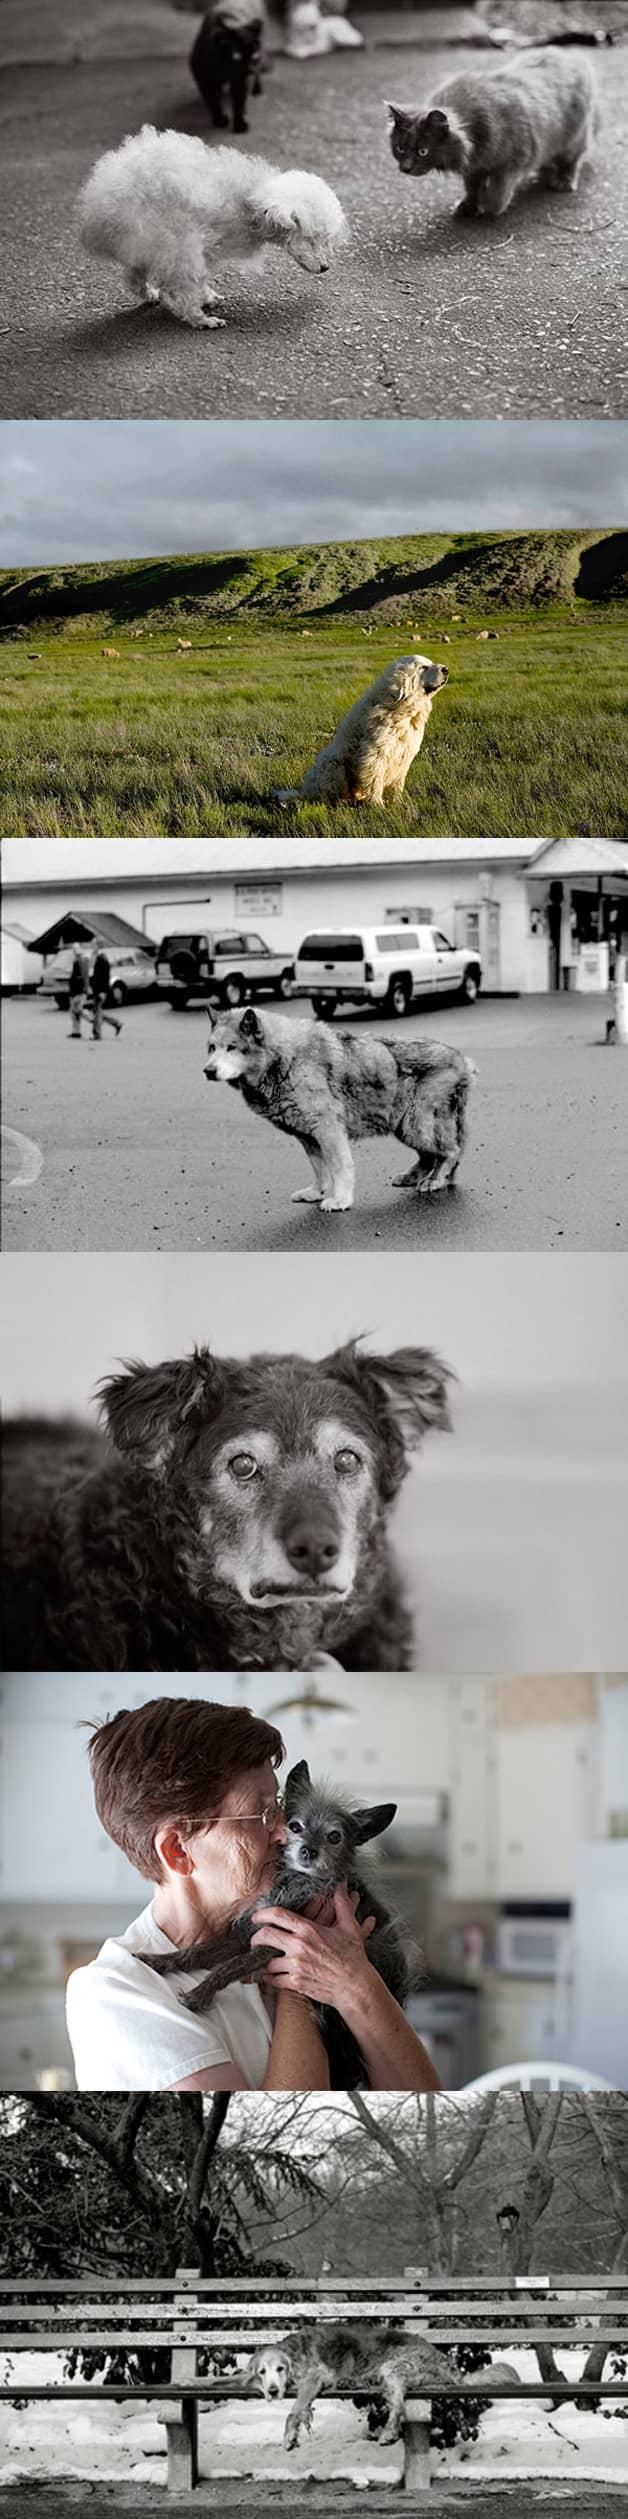 Fotógrafa faz projeto registrando imagens de cães idosos 4